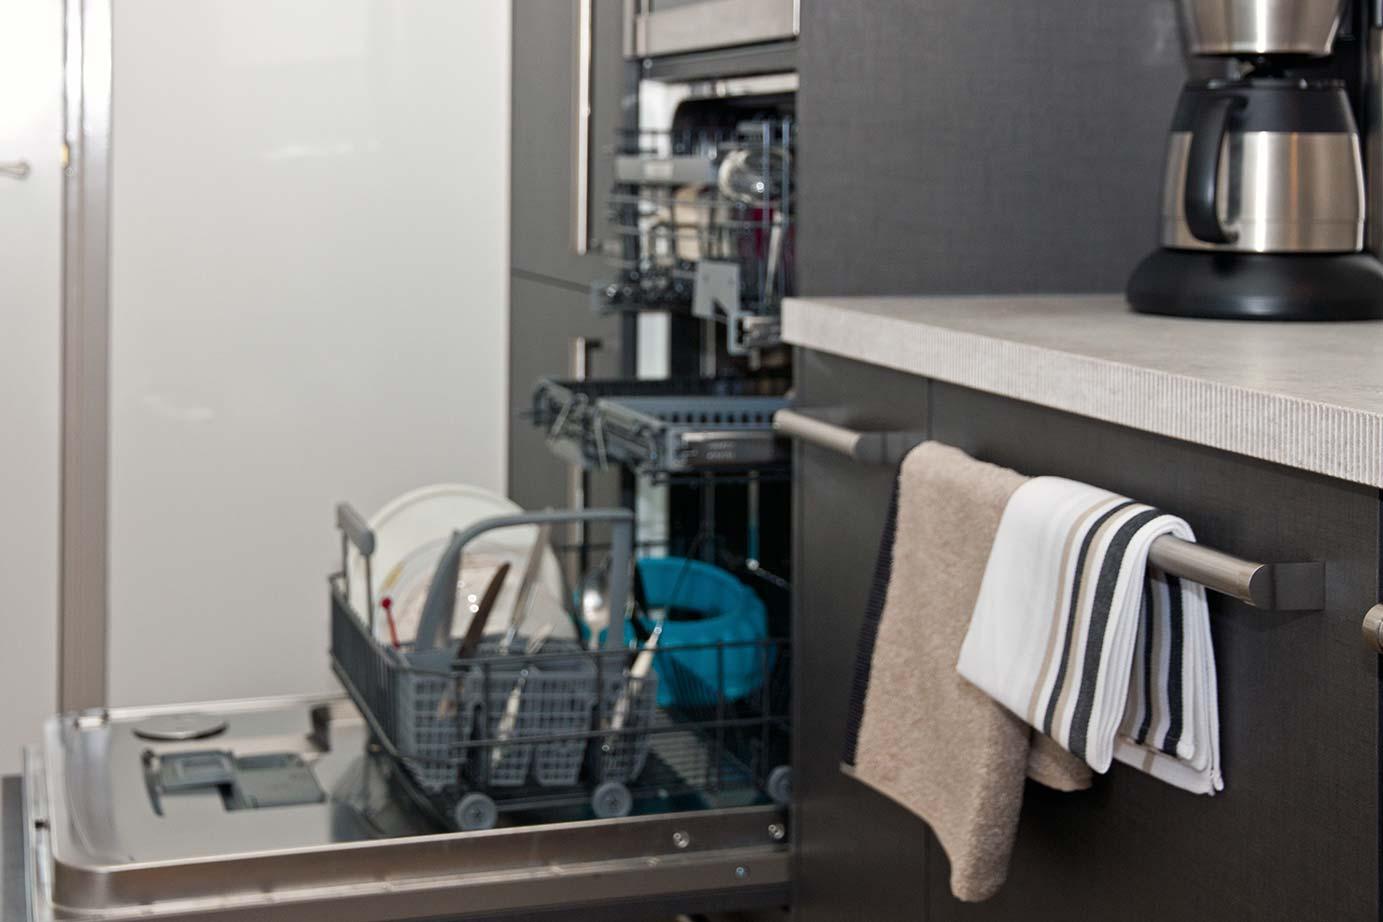 Nieuwe Keuken Kopen Tips : Keuken kopen. Lees jarenlang verzamelde tips. – DB Keukens